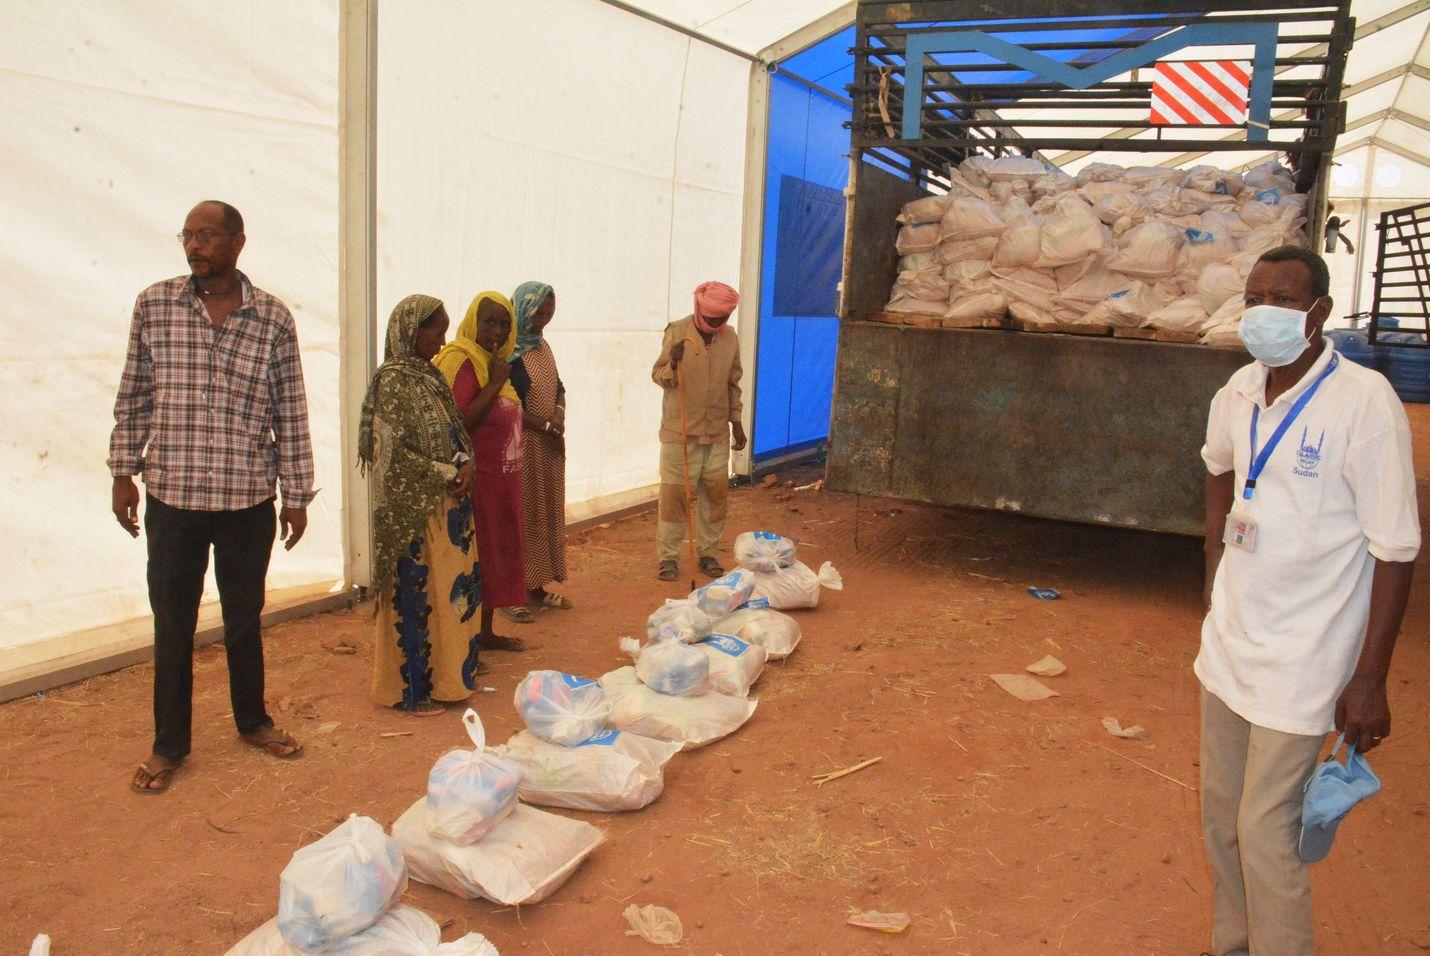 Sudanin itäosassa sijaitsevassa pakolaisleirissä annettiin ruoka-apua marraskuun lopulla. Yli 40 000 ihmistä on paennut Etiopian pohjoisosan taisteluja Sudaniin.